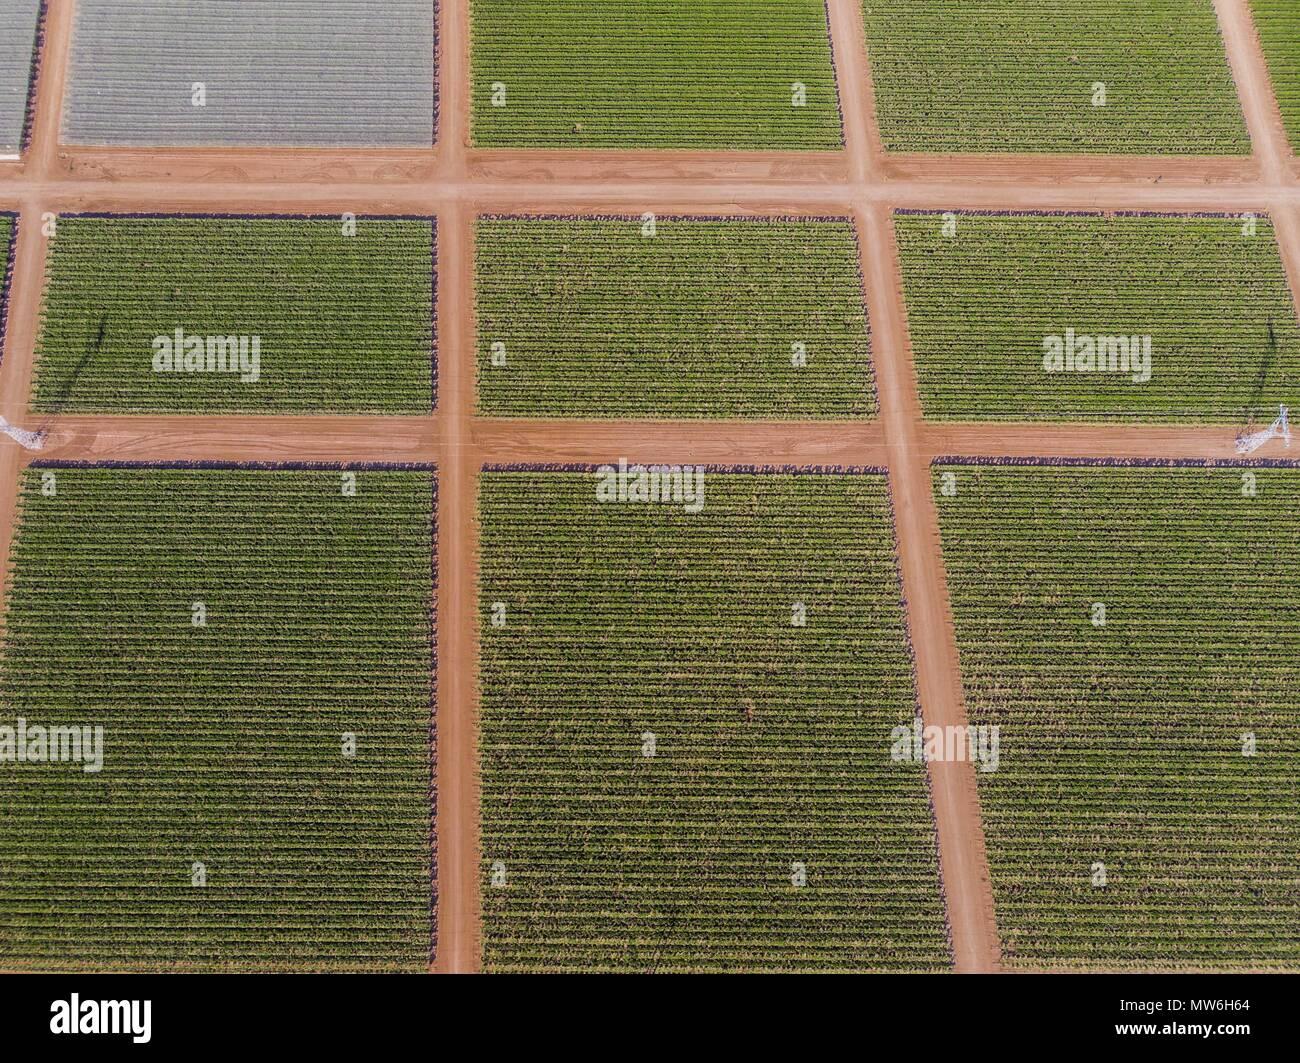 Vista aérea del viñedo en la comunidad de Pesqueira, y Zamora en Sonora, México. Los cultivos. Los campos de uva, hectáreas, Siembra, viñedos. Uva. Foto de stock